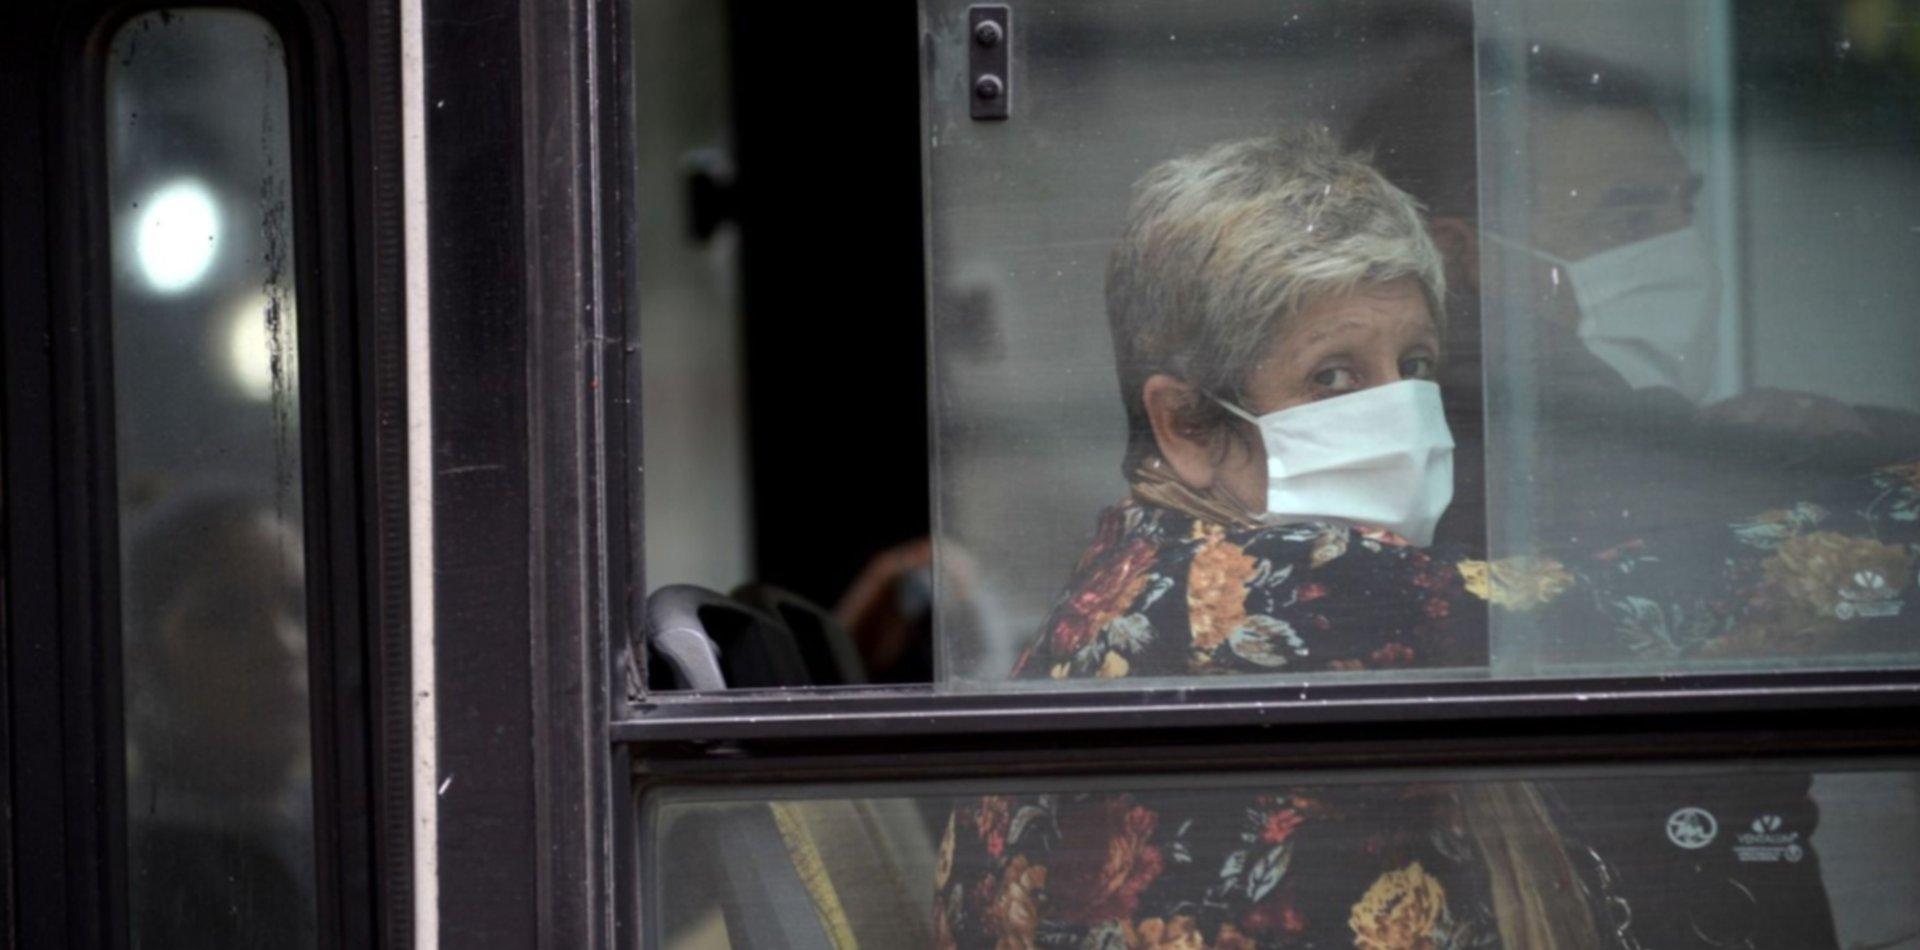 Aforo, distancia y desinfección: el nuevo protocolo para viajar en el transporte público